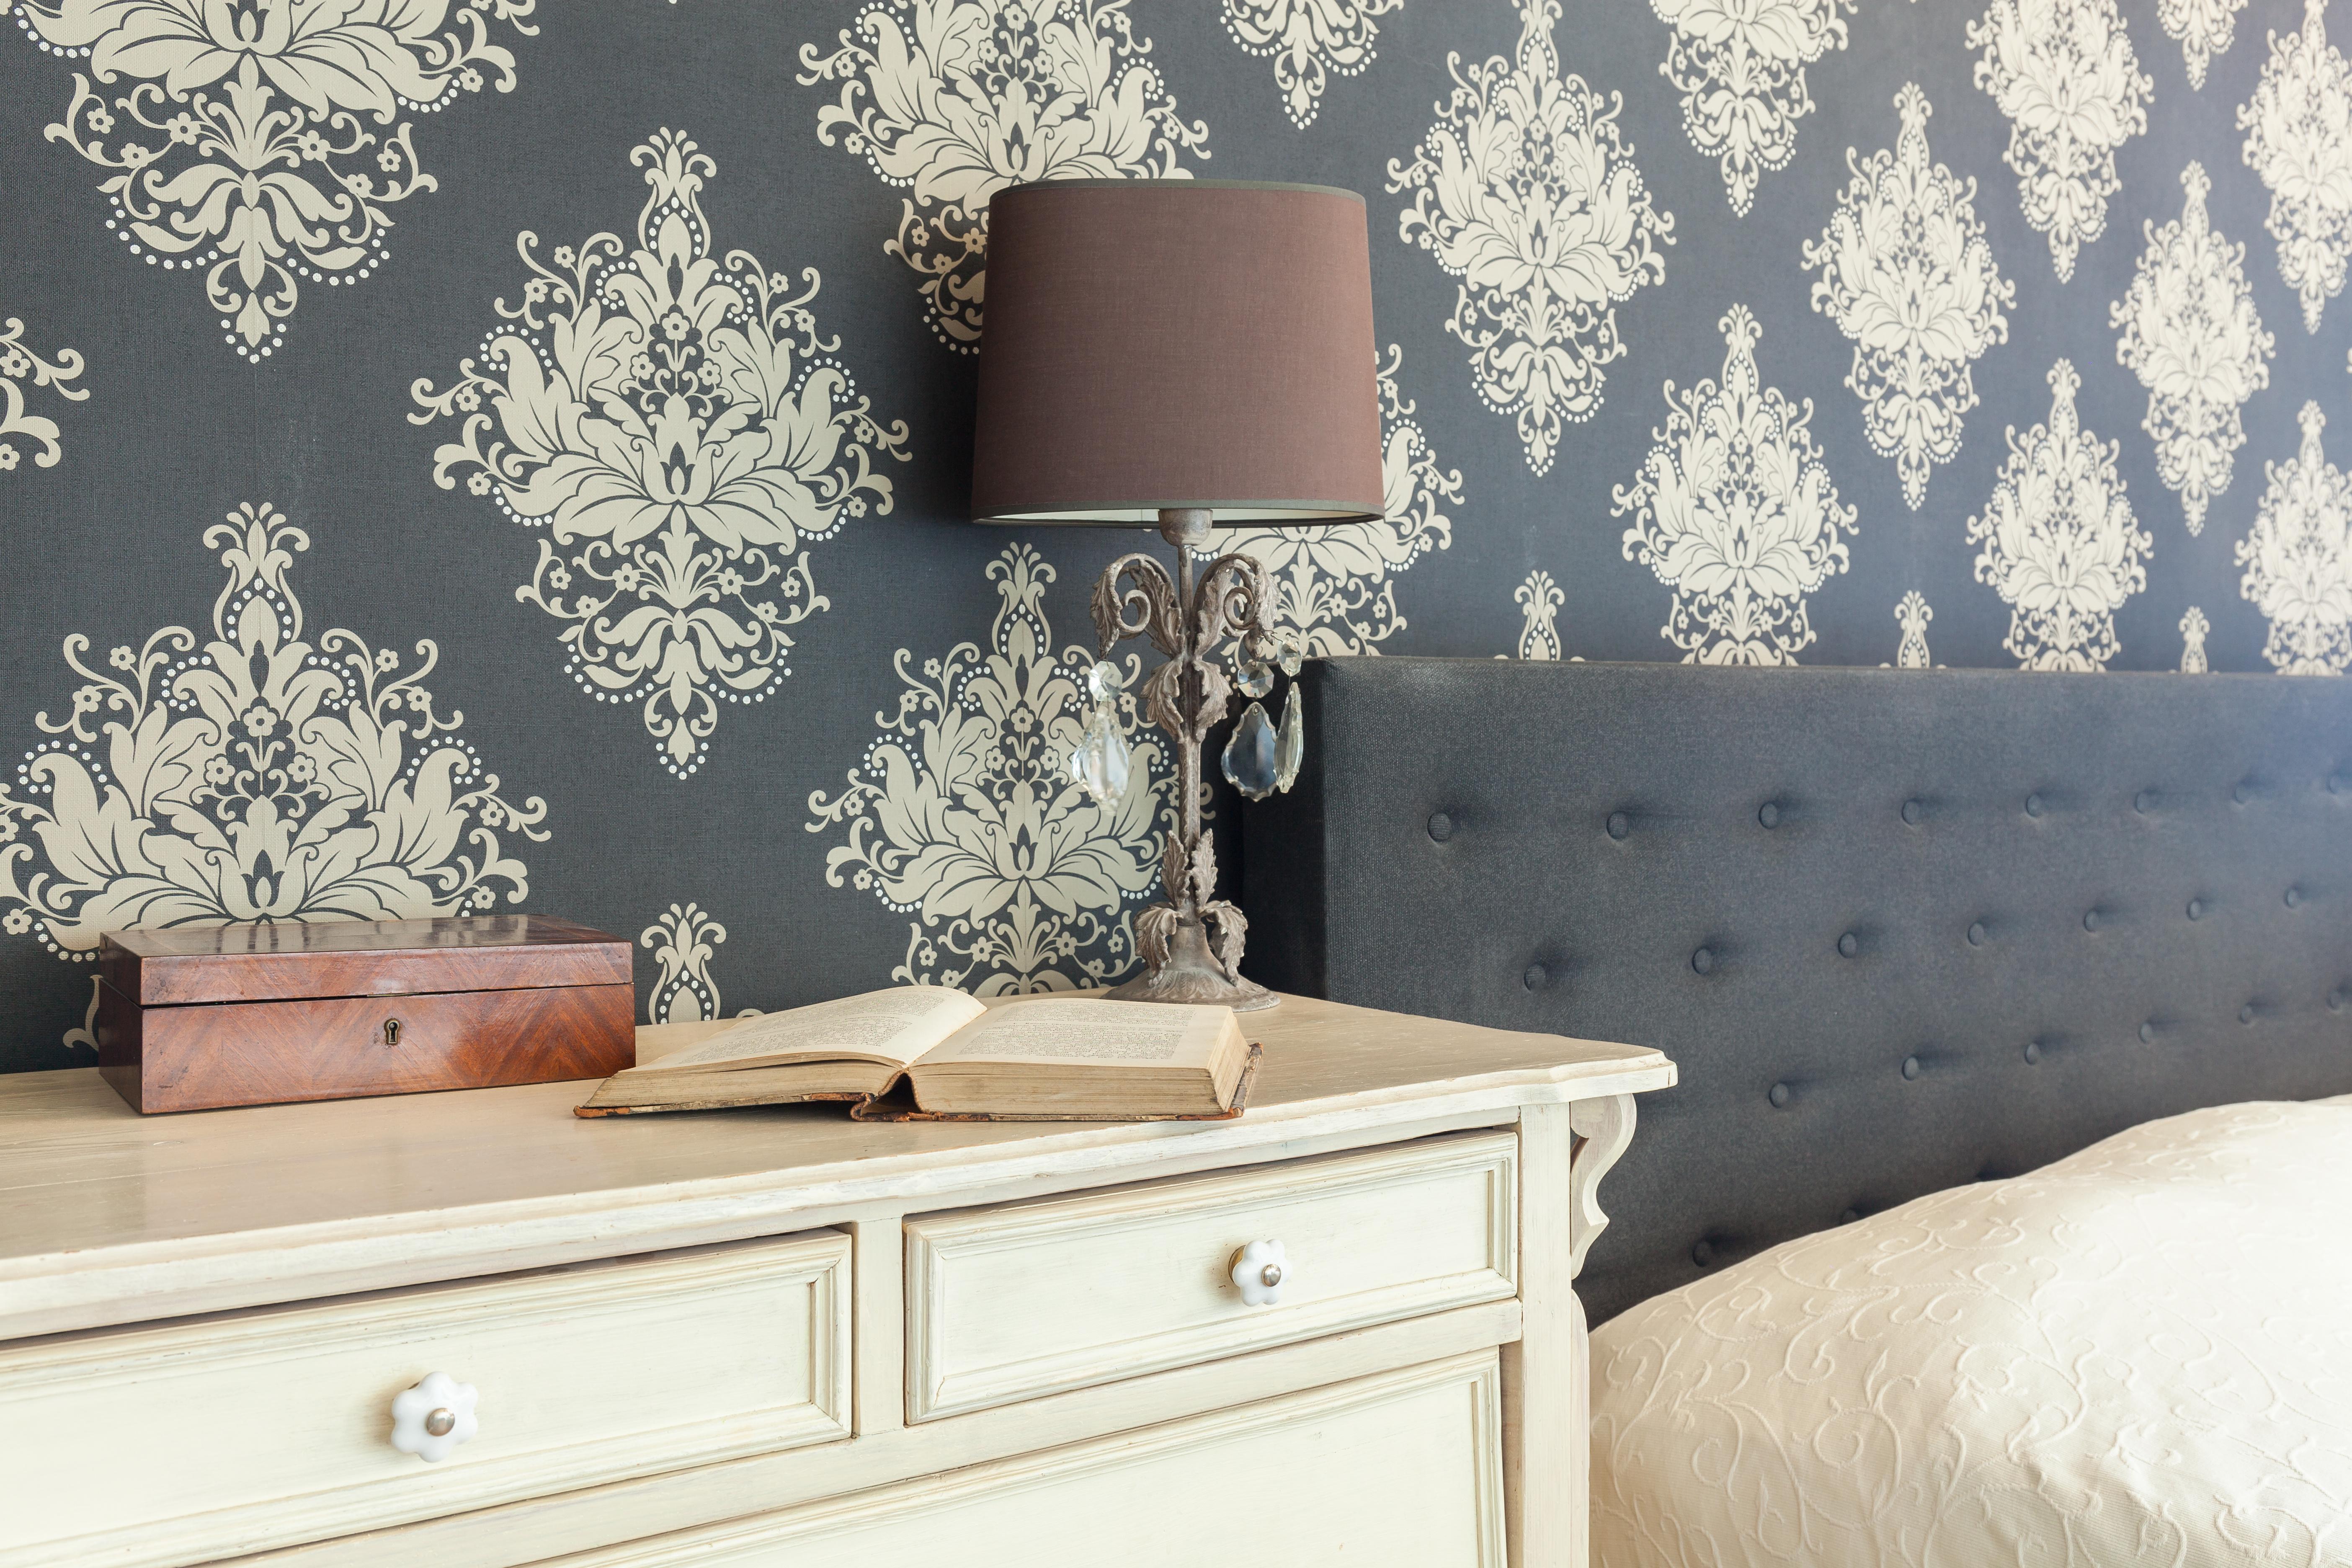 patterned wallpaper in bedrooms in Nelson by Gavin Lambert